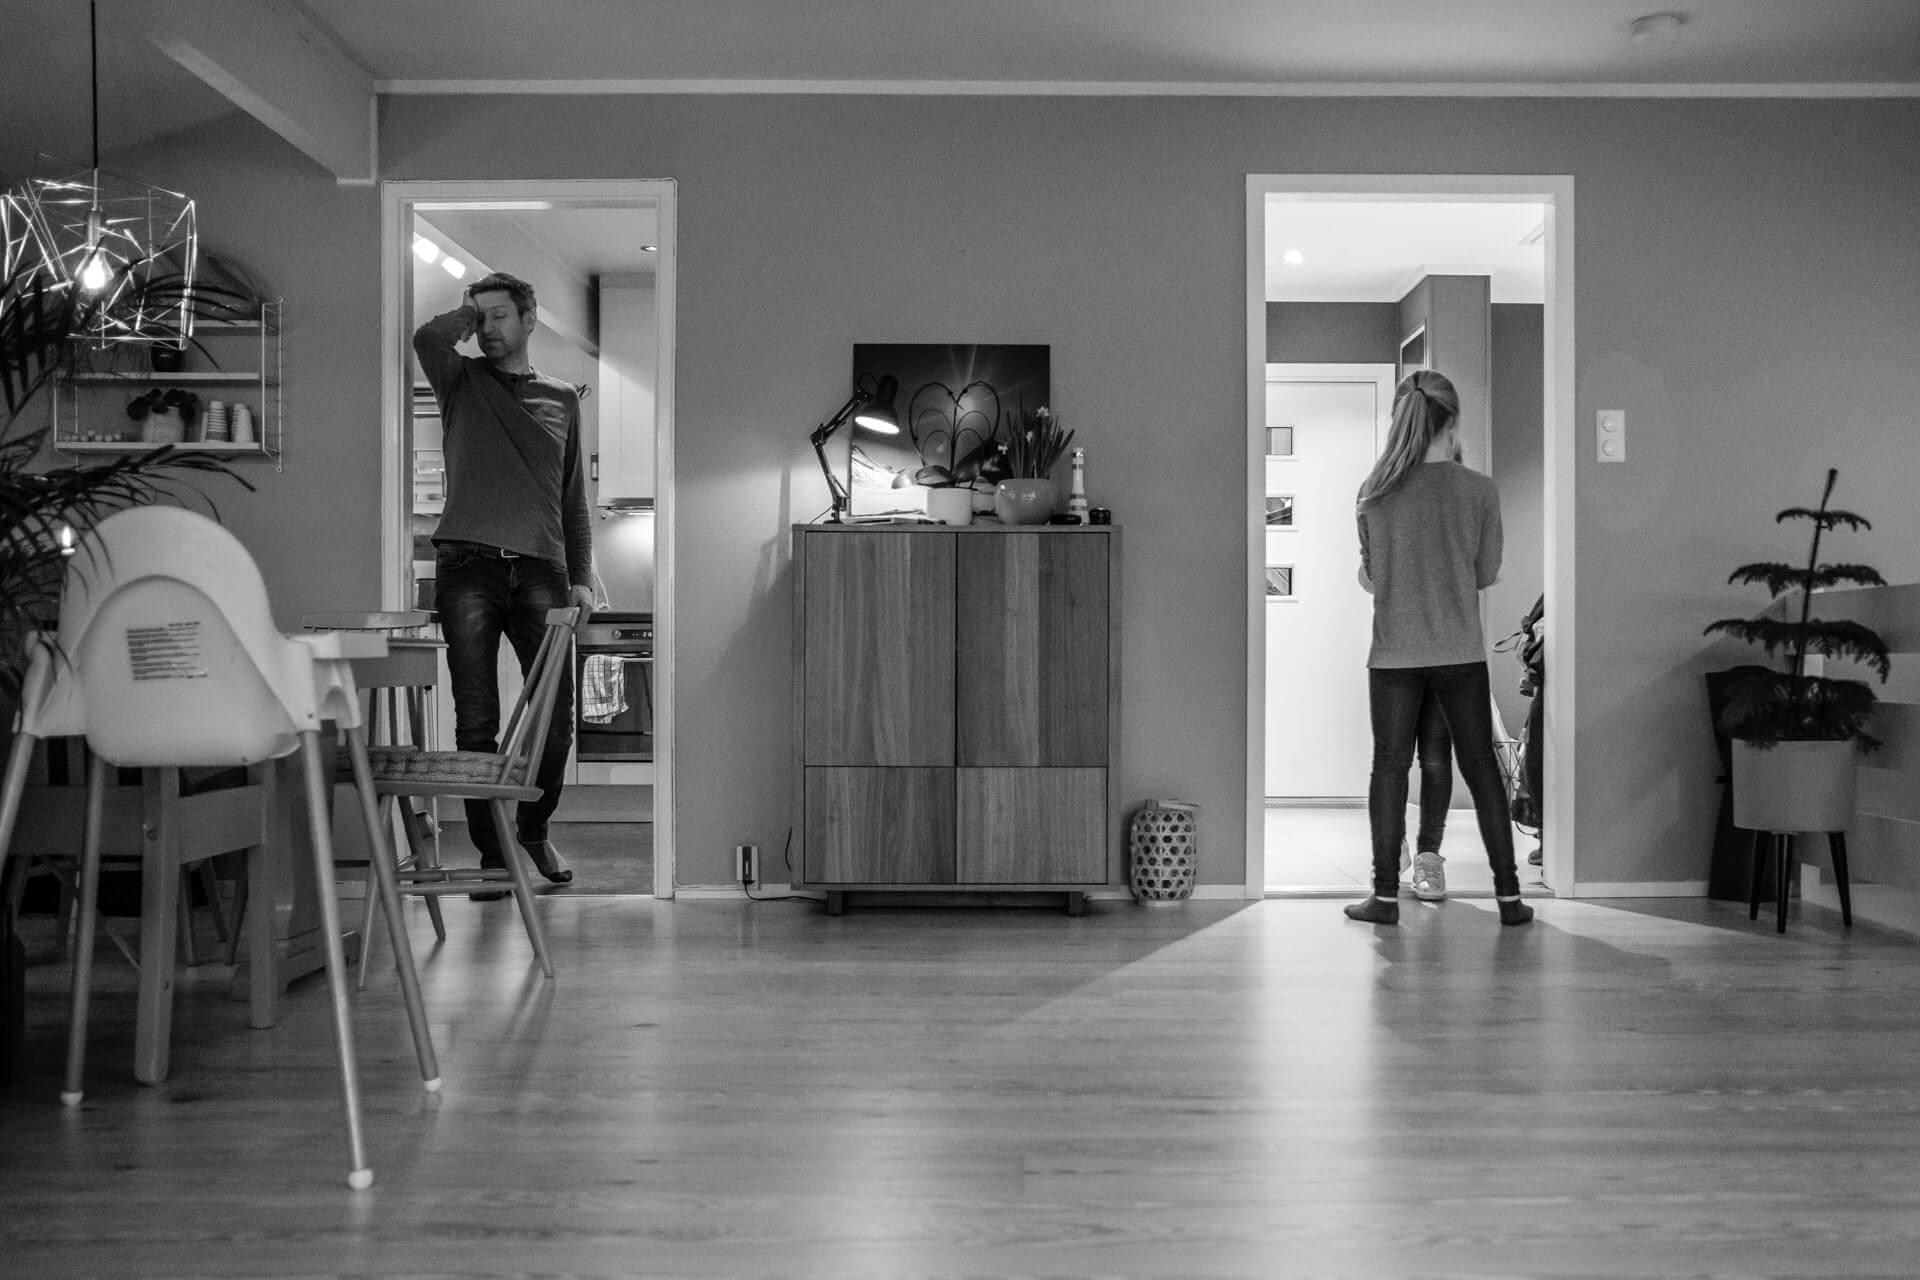 I stua hjemme hos barnefamilie. To barn står med ryggen til i en døråpning, far står i en annen døråpning og ser ganske sliten ut. De ser ikke hverandre.